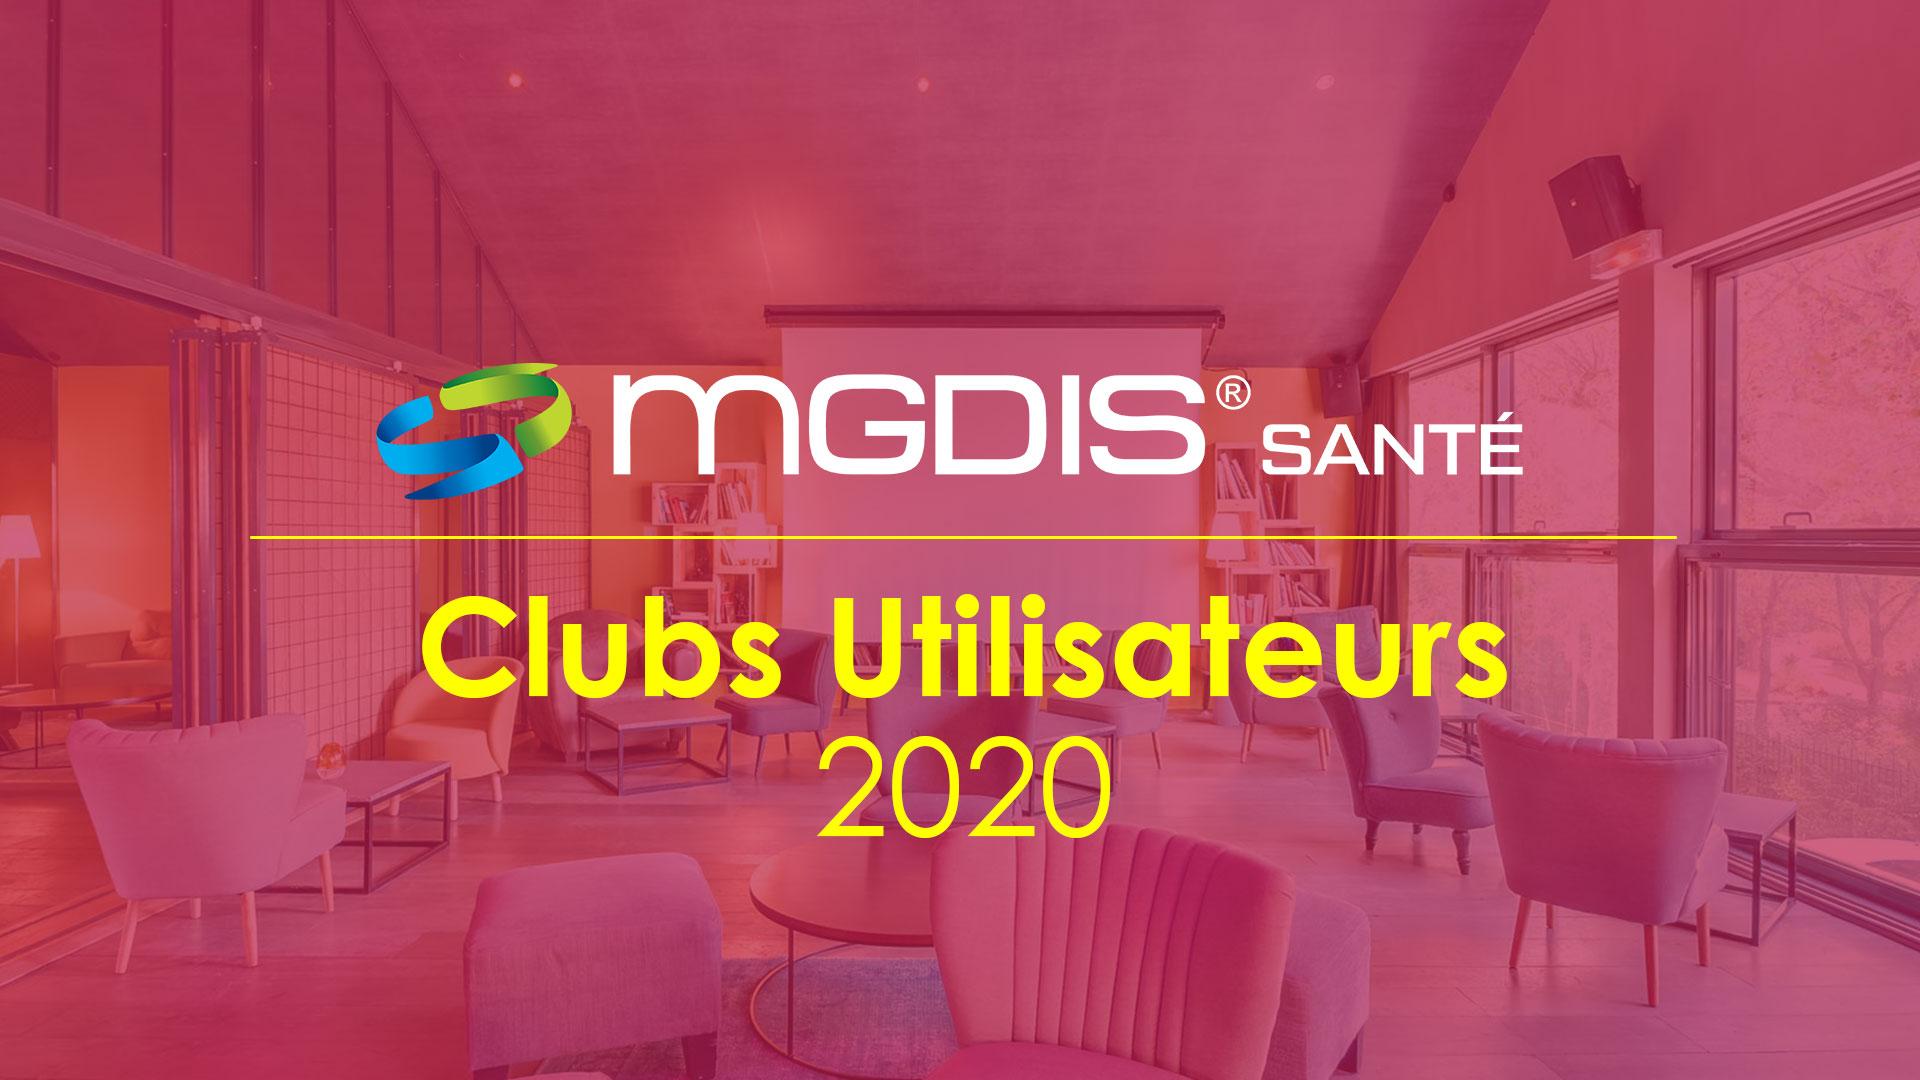 Clubs Utilisateurs MGDIS Santé 2020